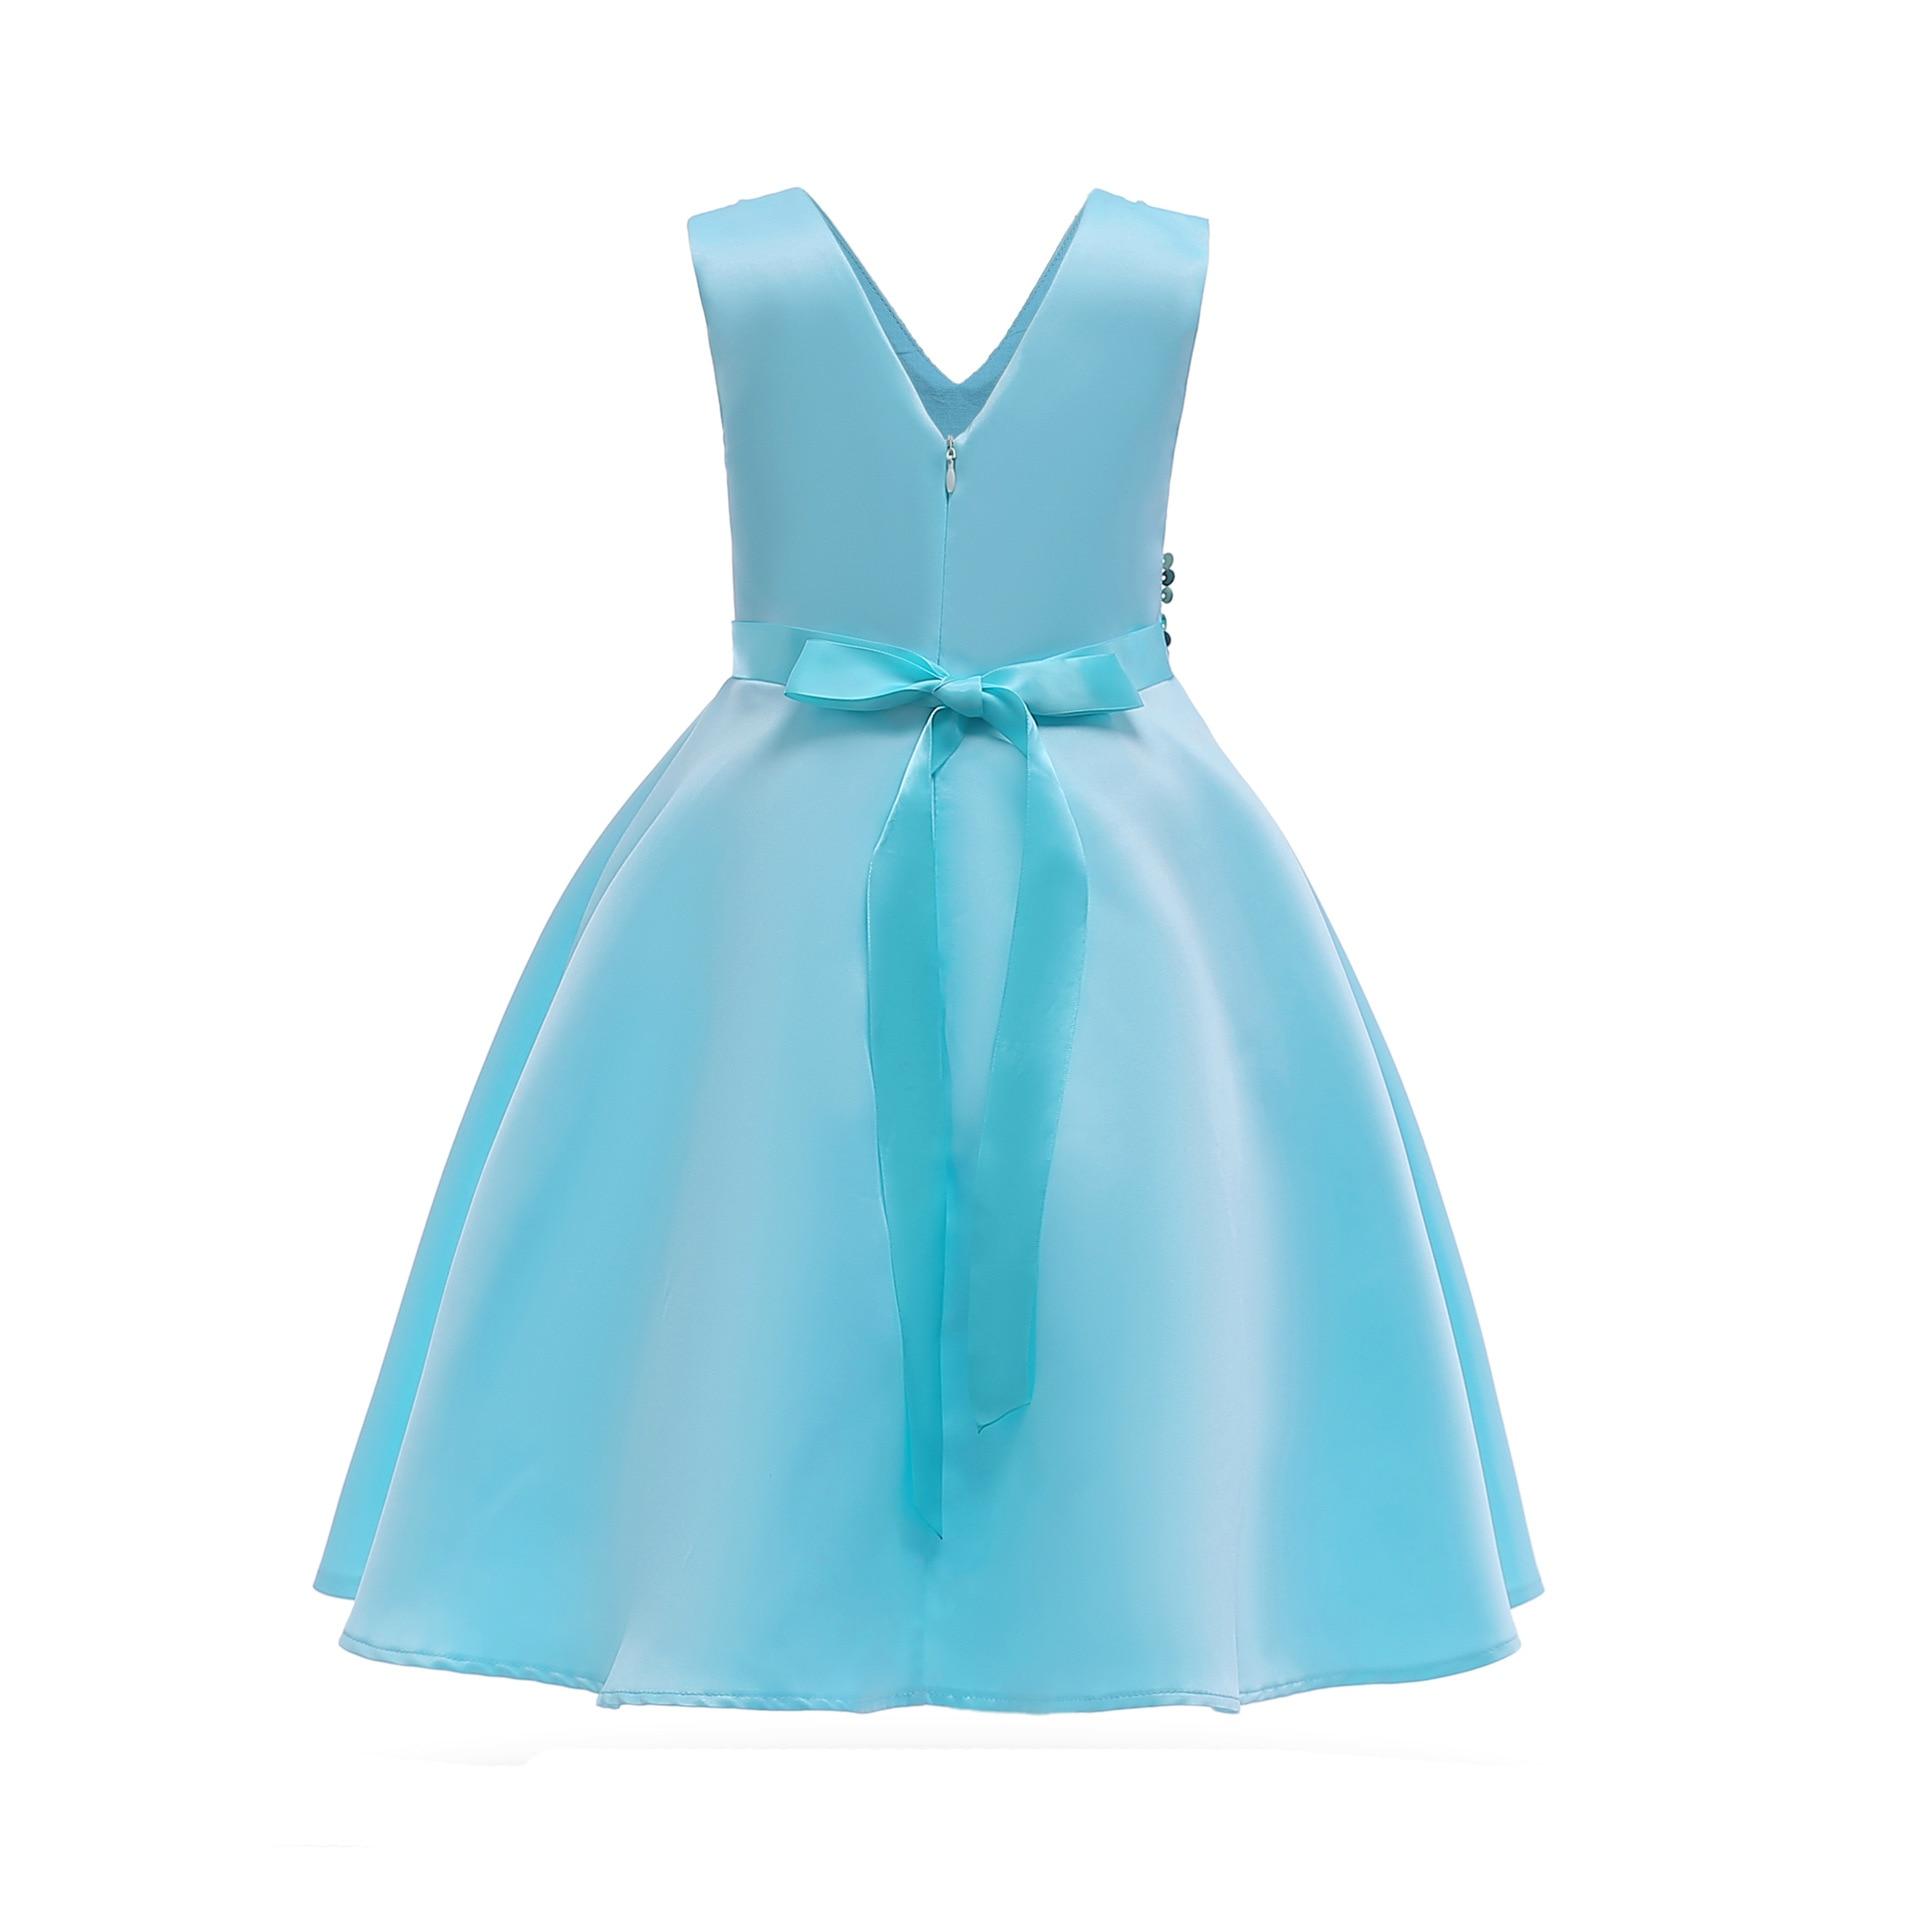 Hibyhoby 2018 nowa suknia balowa bez rękawów sukienka z cekinami - Ubrania dziecięce - Zdjęcie 2